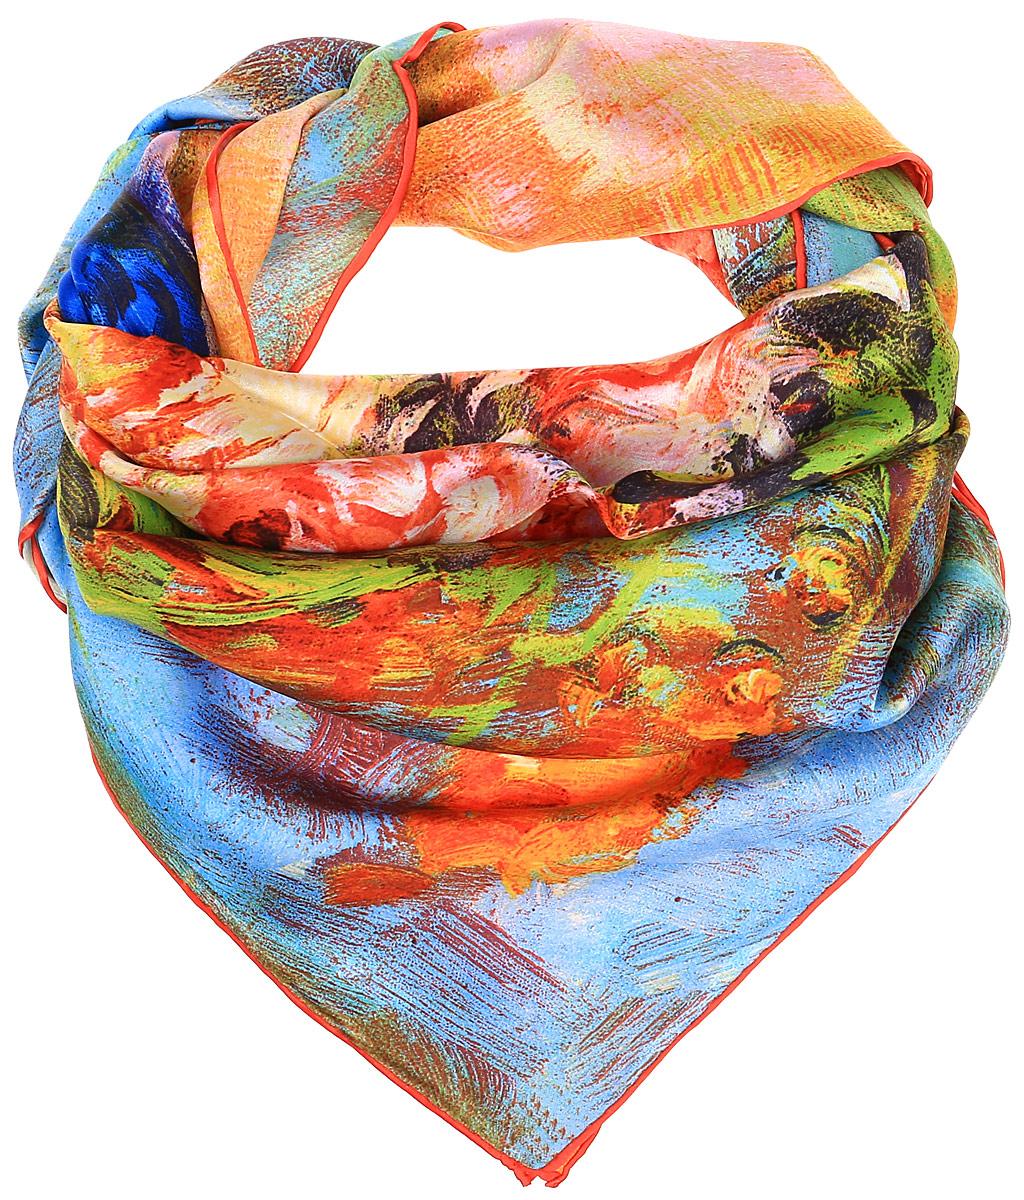 0510815310_23Очаровательный женский платок Piero станет великолепным завершением любого наряда. Платок изготовлен из высококачественного шелка и оформлен контрастным цветочным принтом. Классическая квадратная форма позволяет носить платок на шее, украшать им прическу или декорировать сумочку.